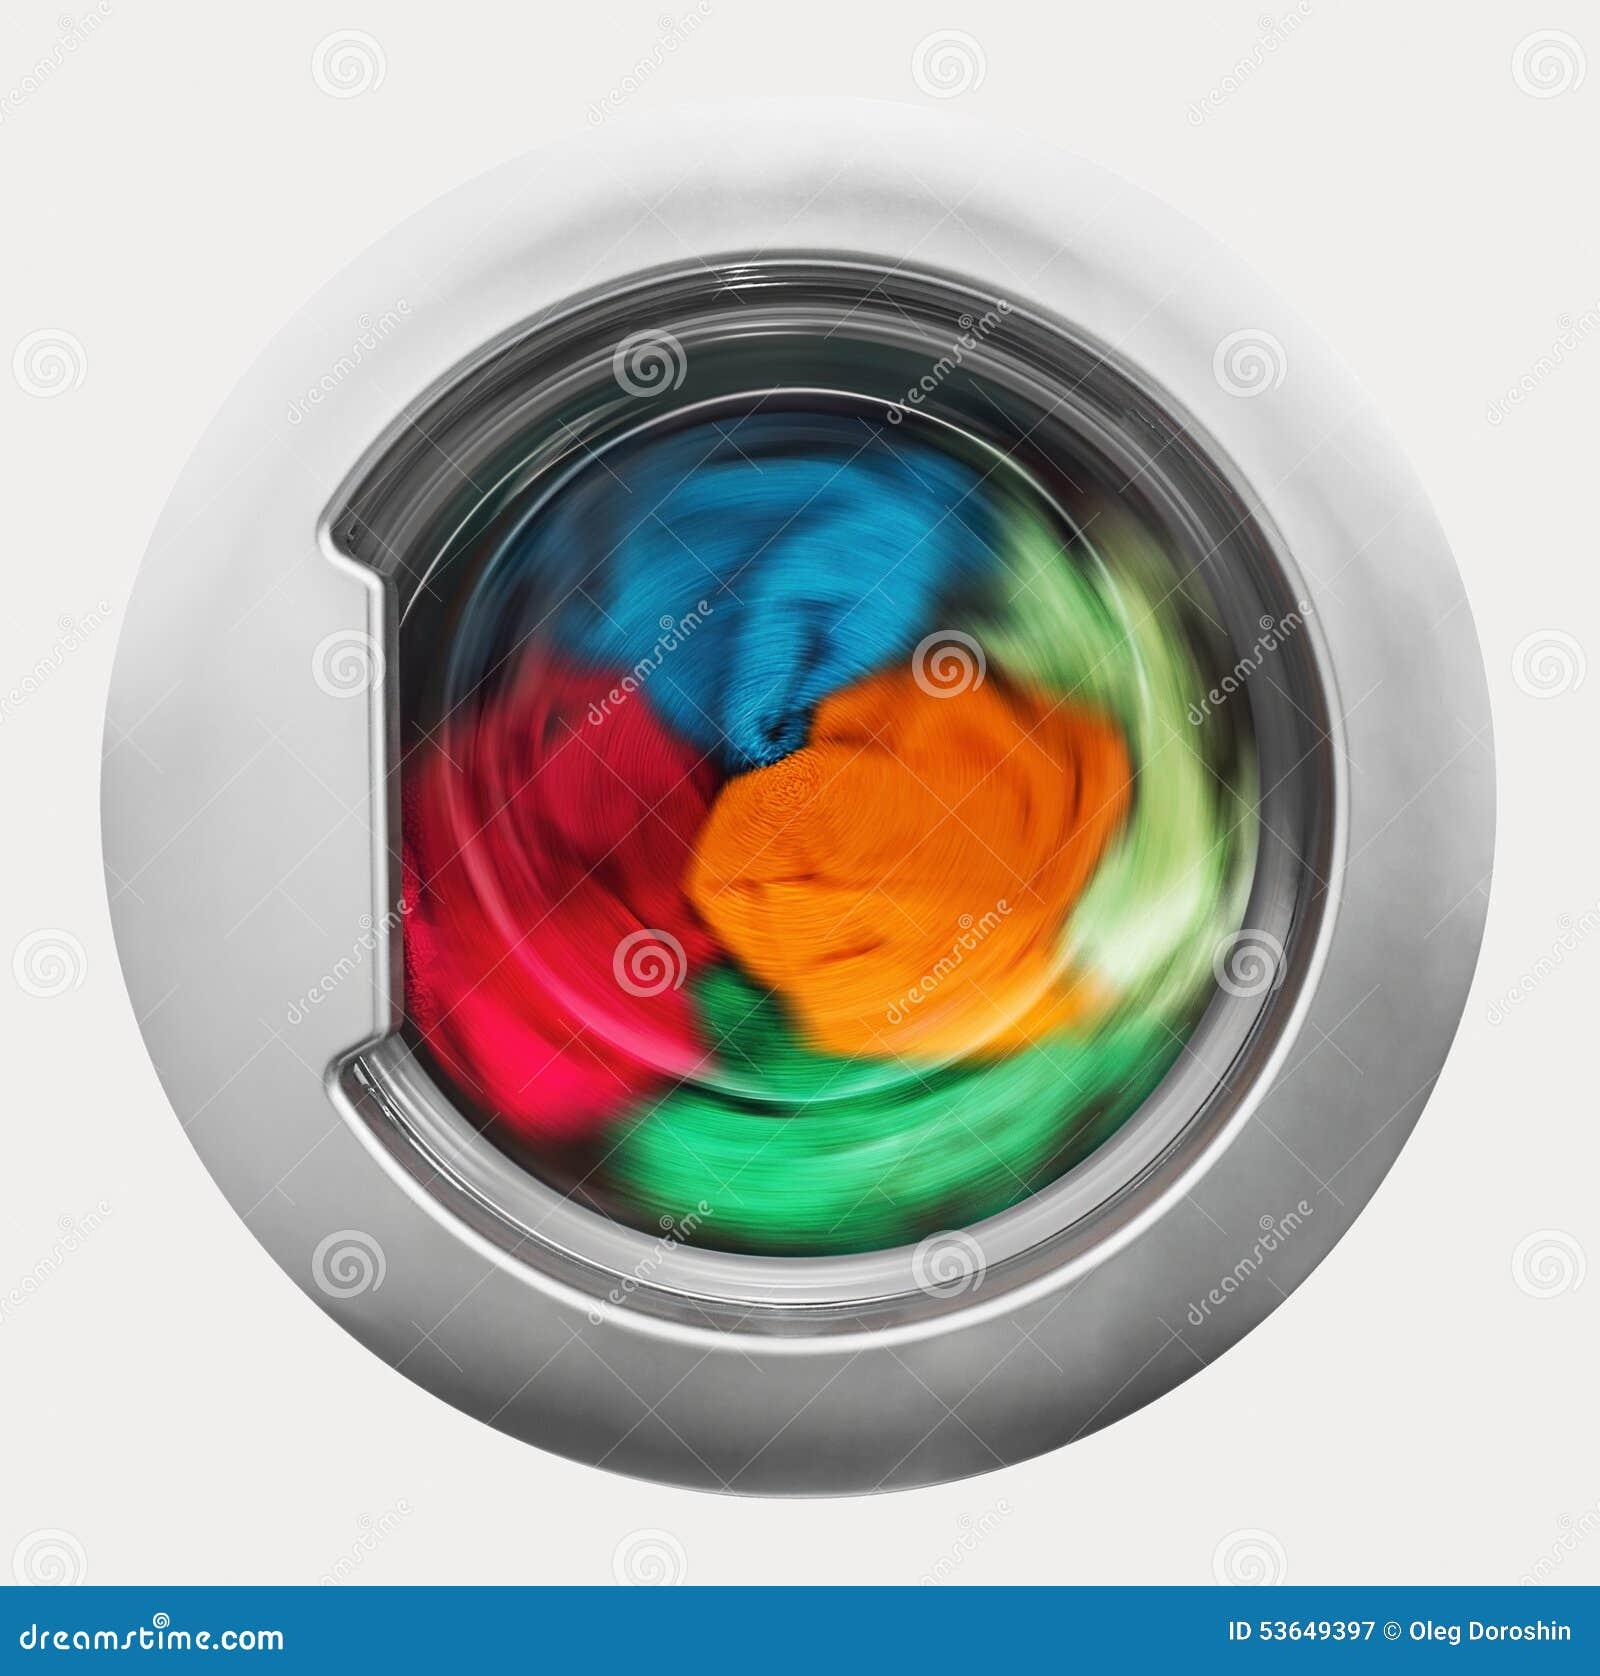 Inside front door clipart - Washing Machine Door With Rotating Garments Inside Stock